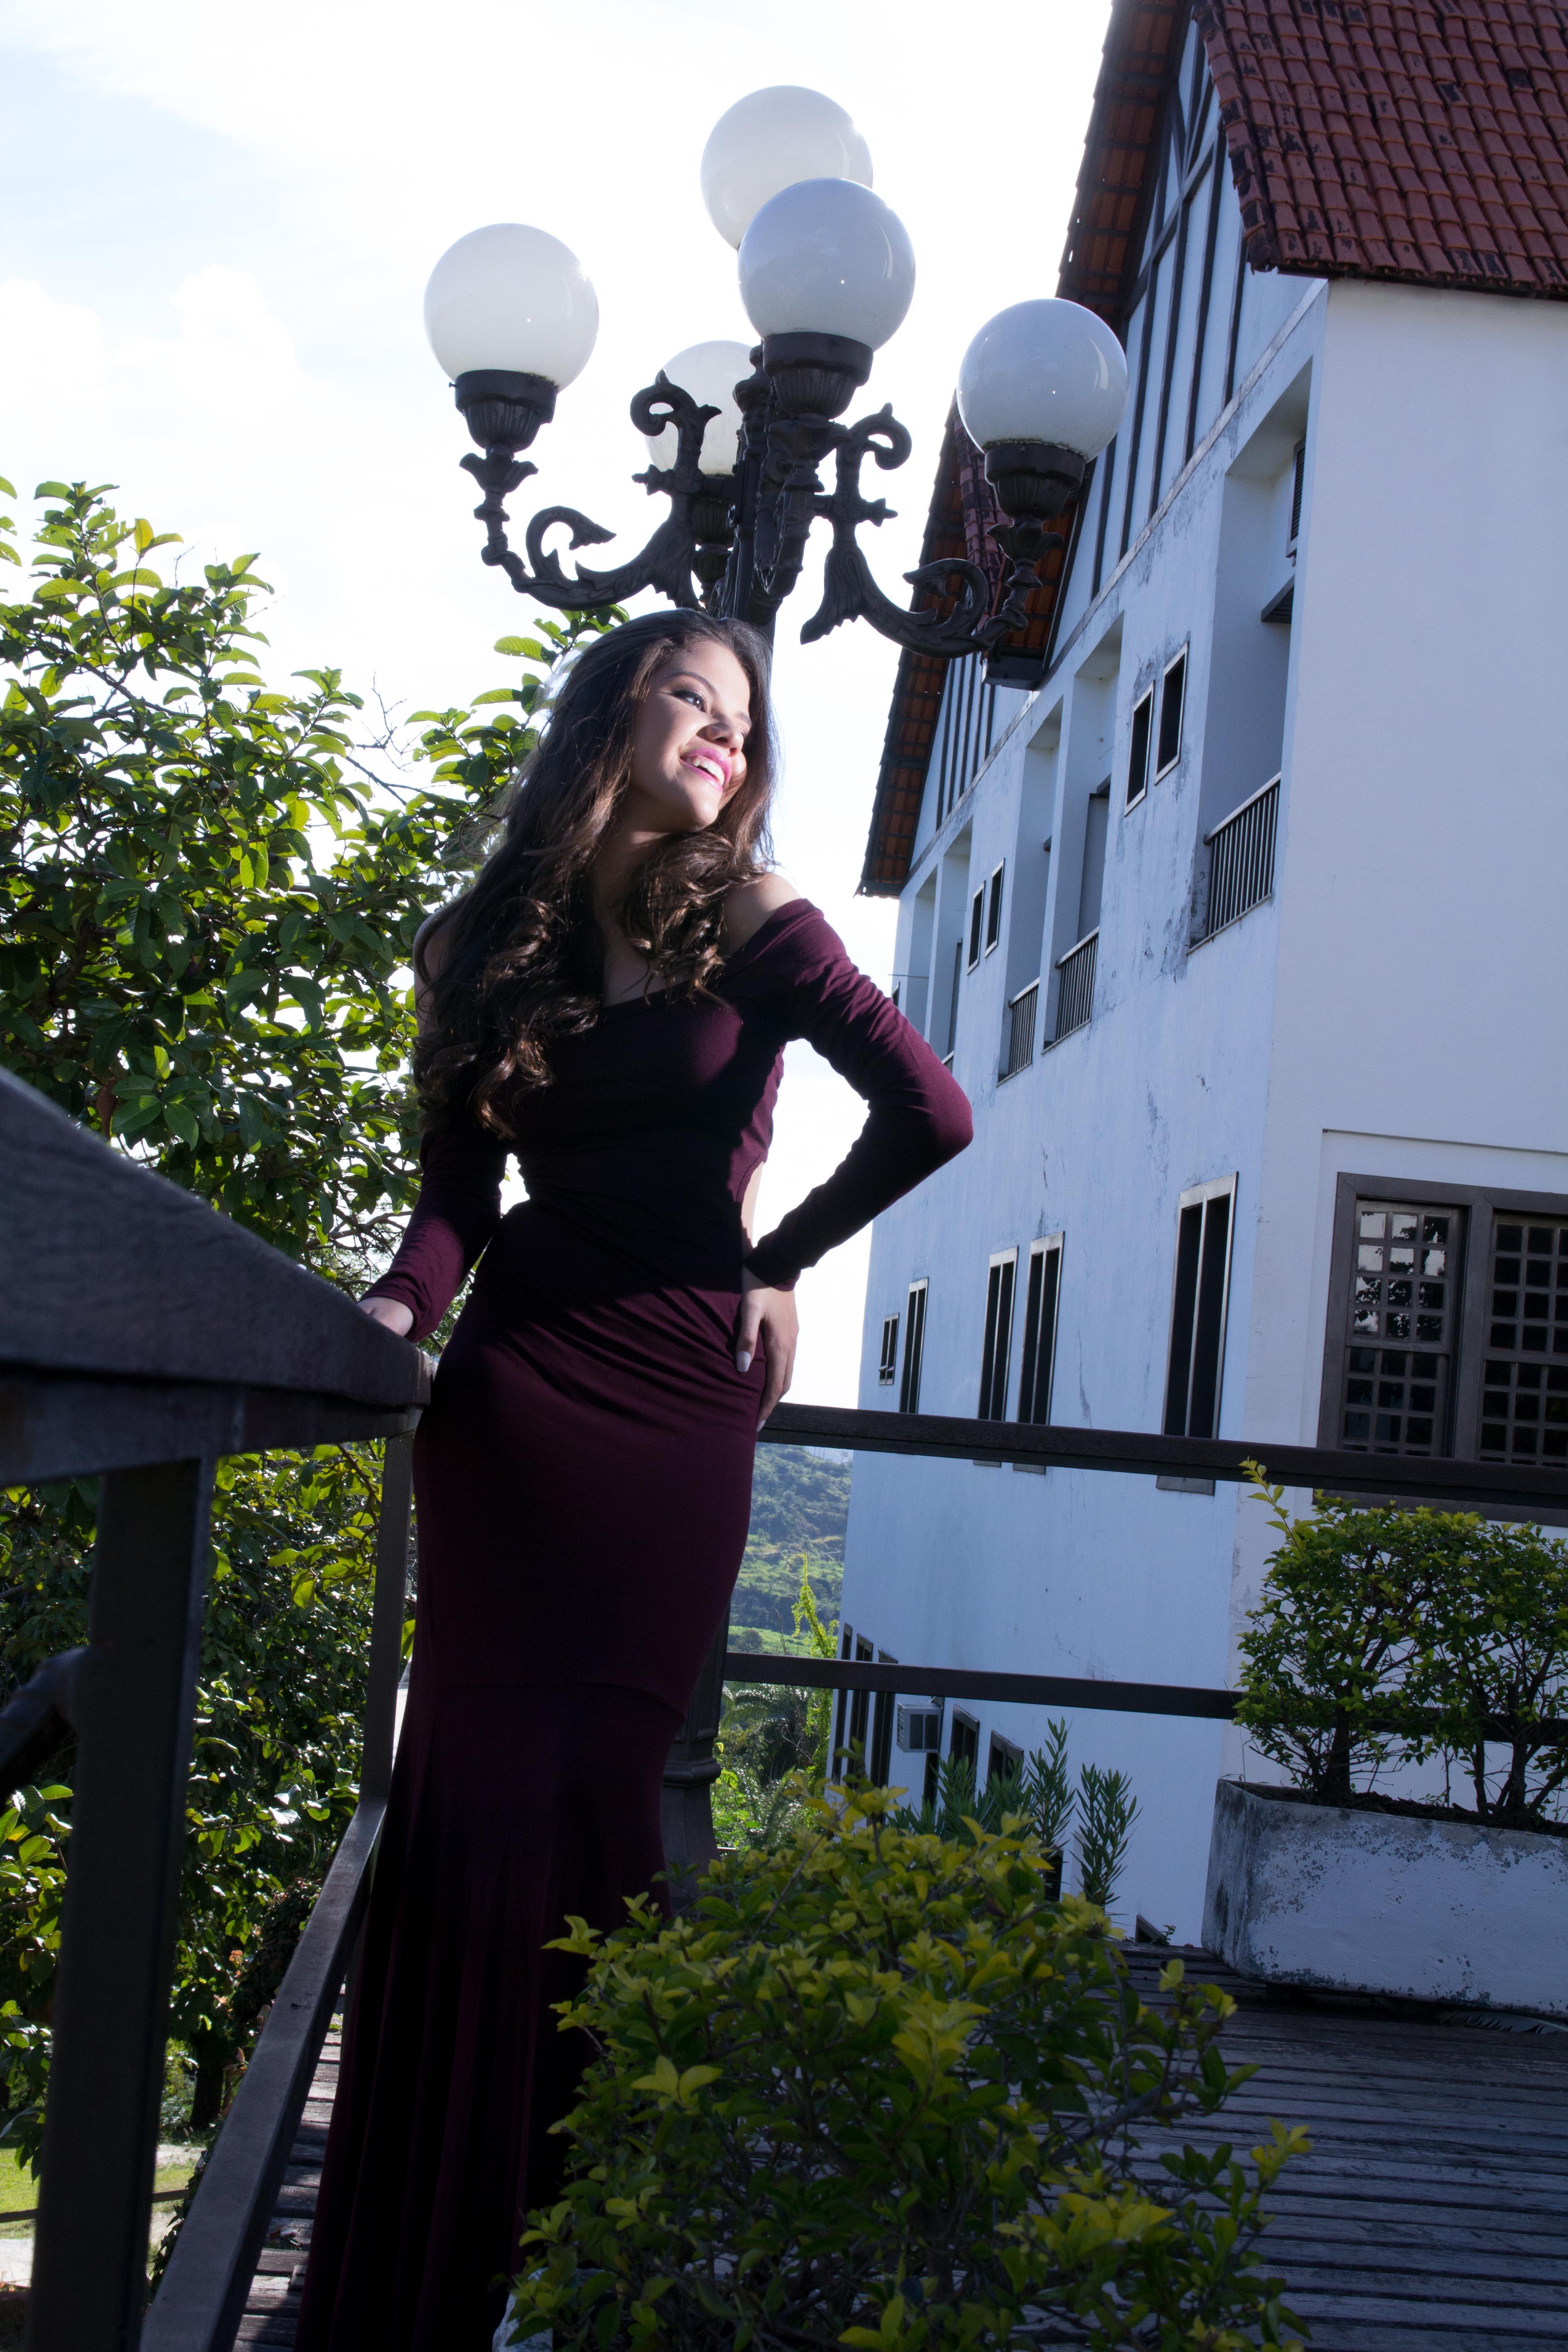 Ensaio fotografico debutante 15 anos # (416)